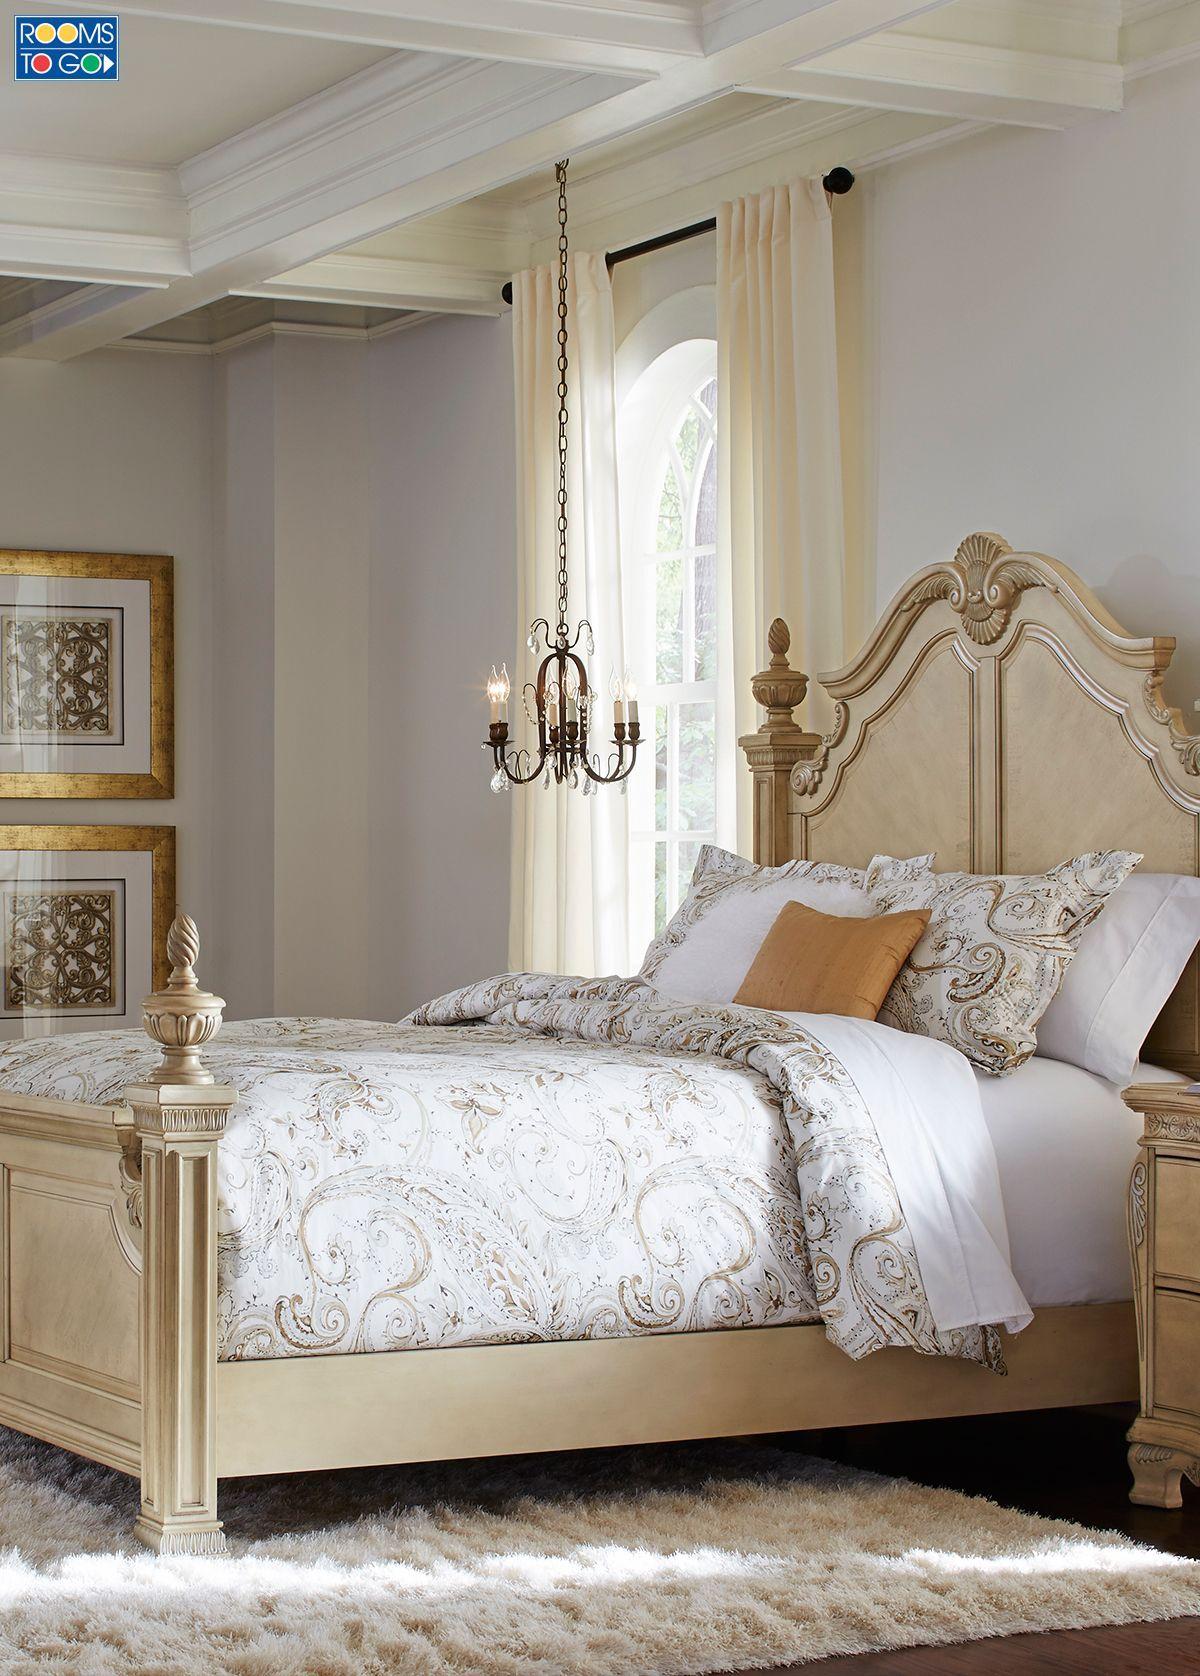 Bedroom King Sets Desain exterior rumah, Rumah, Desain